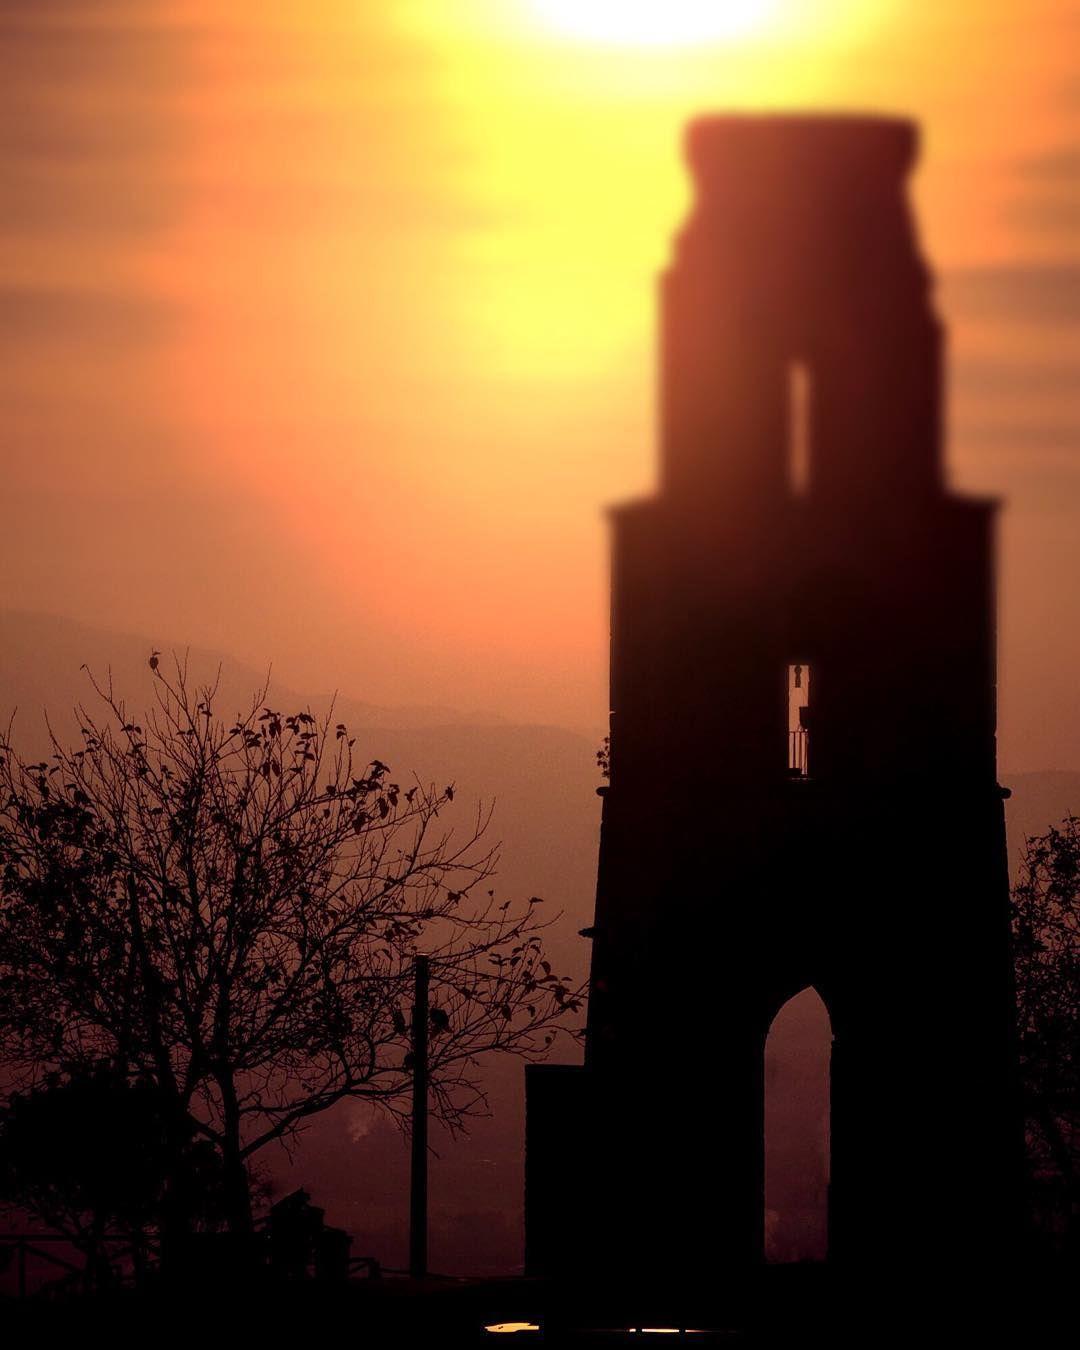 #sketch #campanile #sunset #silhouette #evening #redsky #nikon #nikond90 #nikonitalia